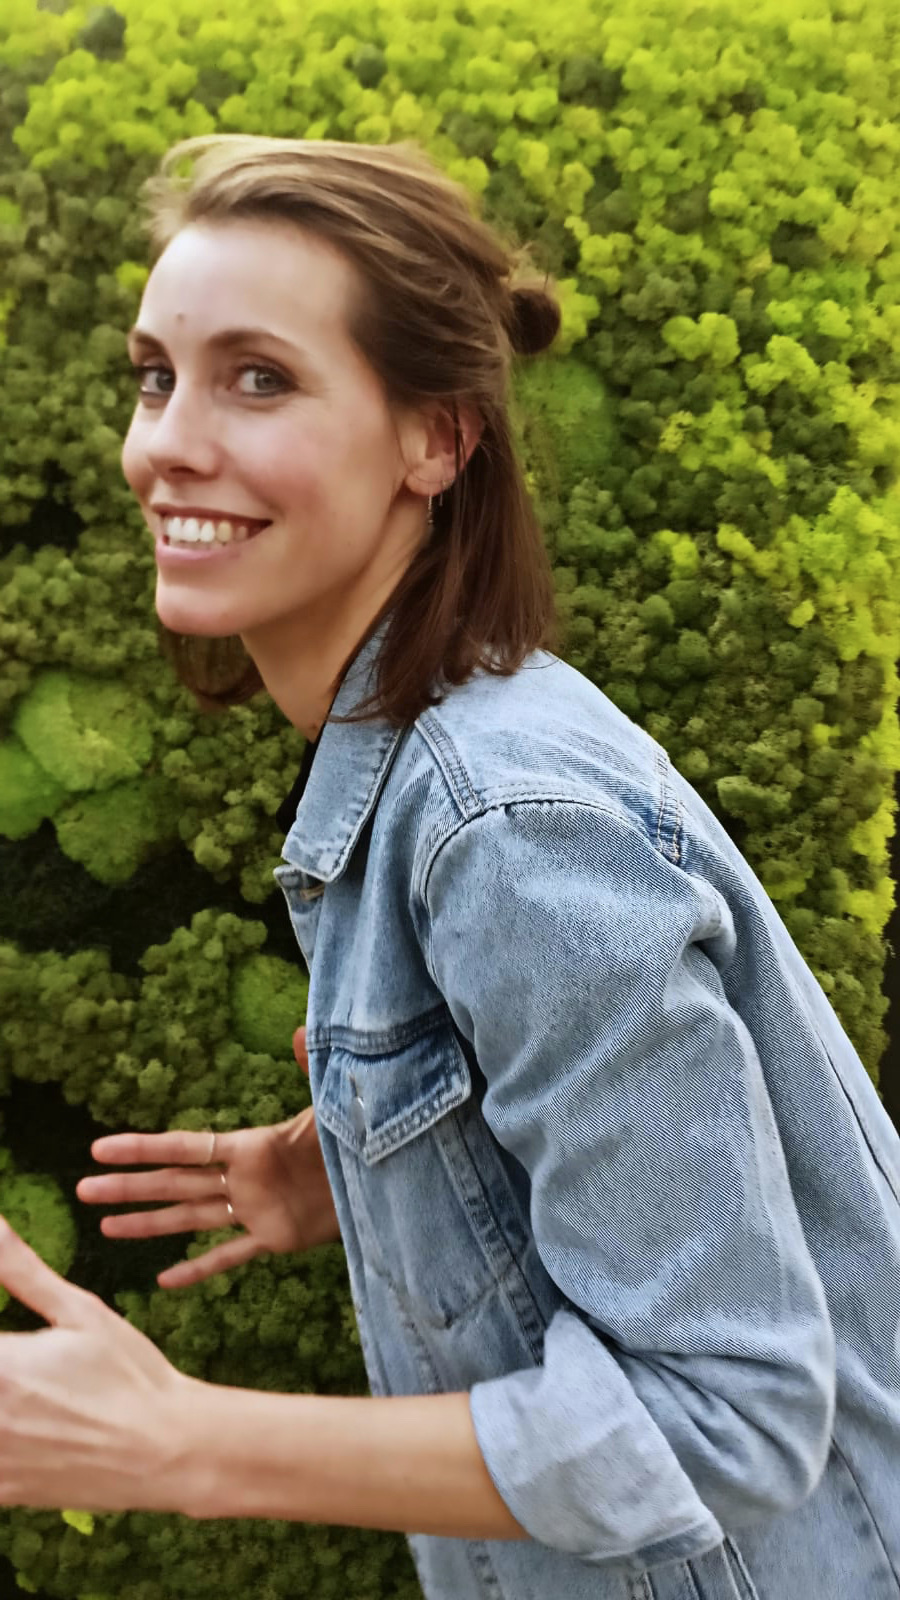 Mireille | biomimicry architect - Waar Mireille komt, veranderen gebouwen in groene gezonde oases. Als architect werkt ze vanuit de principes van biomimicry en biofilie, want de natuur is de beste basis voor elk gebouw of ontwerp. Als je Mireille hoort praten over architectuur verandert je blik met haar mee. Je snapt niet dat er nog zoveel grijs om ons heen is.Ze ontwierp de Greennest Gallery en werkt nu strak samen met Karima op groenconcepten tot complete kantoorinrichtingen. Mireille woont zelf temidden van het groen met een moestuin aan huis. Voor binnen houdt ze van een wat stoerdere plant met stevige bladeren zoals een Anthurium jungle king.